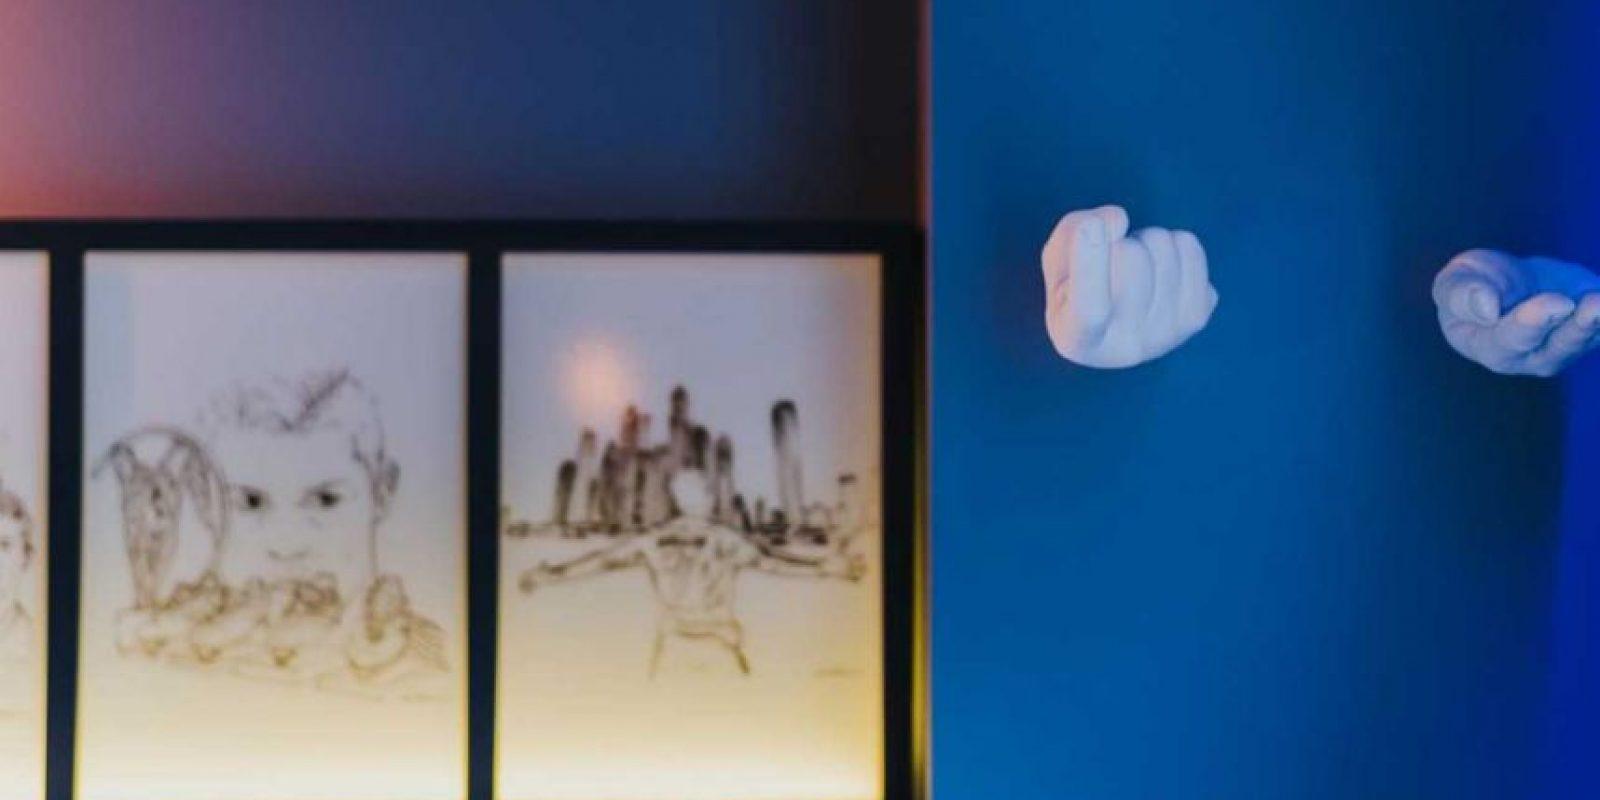 Sin embargo, hay una pieza especial de 690 euros que tiene cuadros de CR7 en las paredes, un Playstation 4, distintos juegos, lentes de realidad virtual y una equipación para realizar ejercicios cardio Foto:Sitio web Pestana CR7